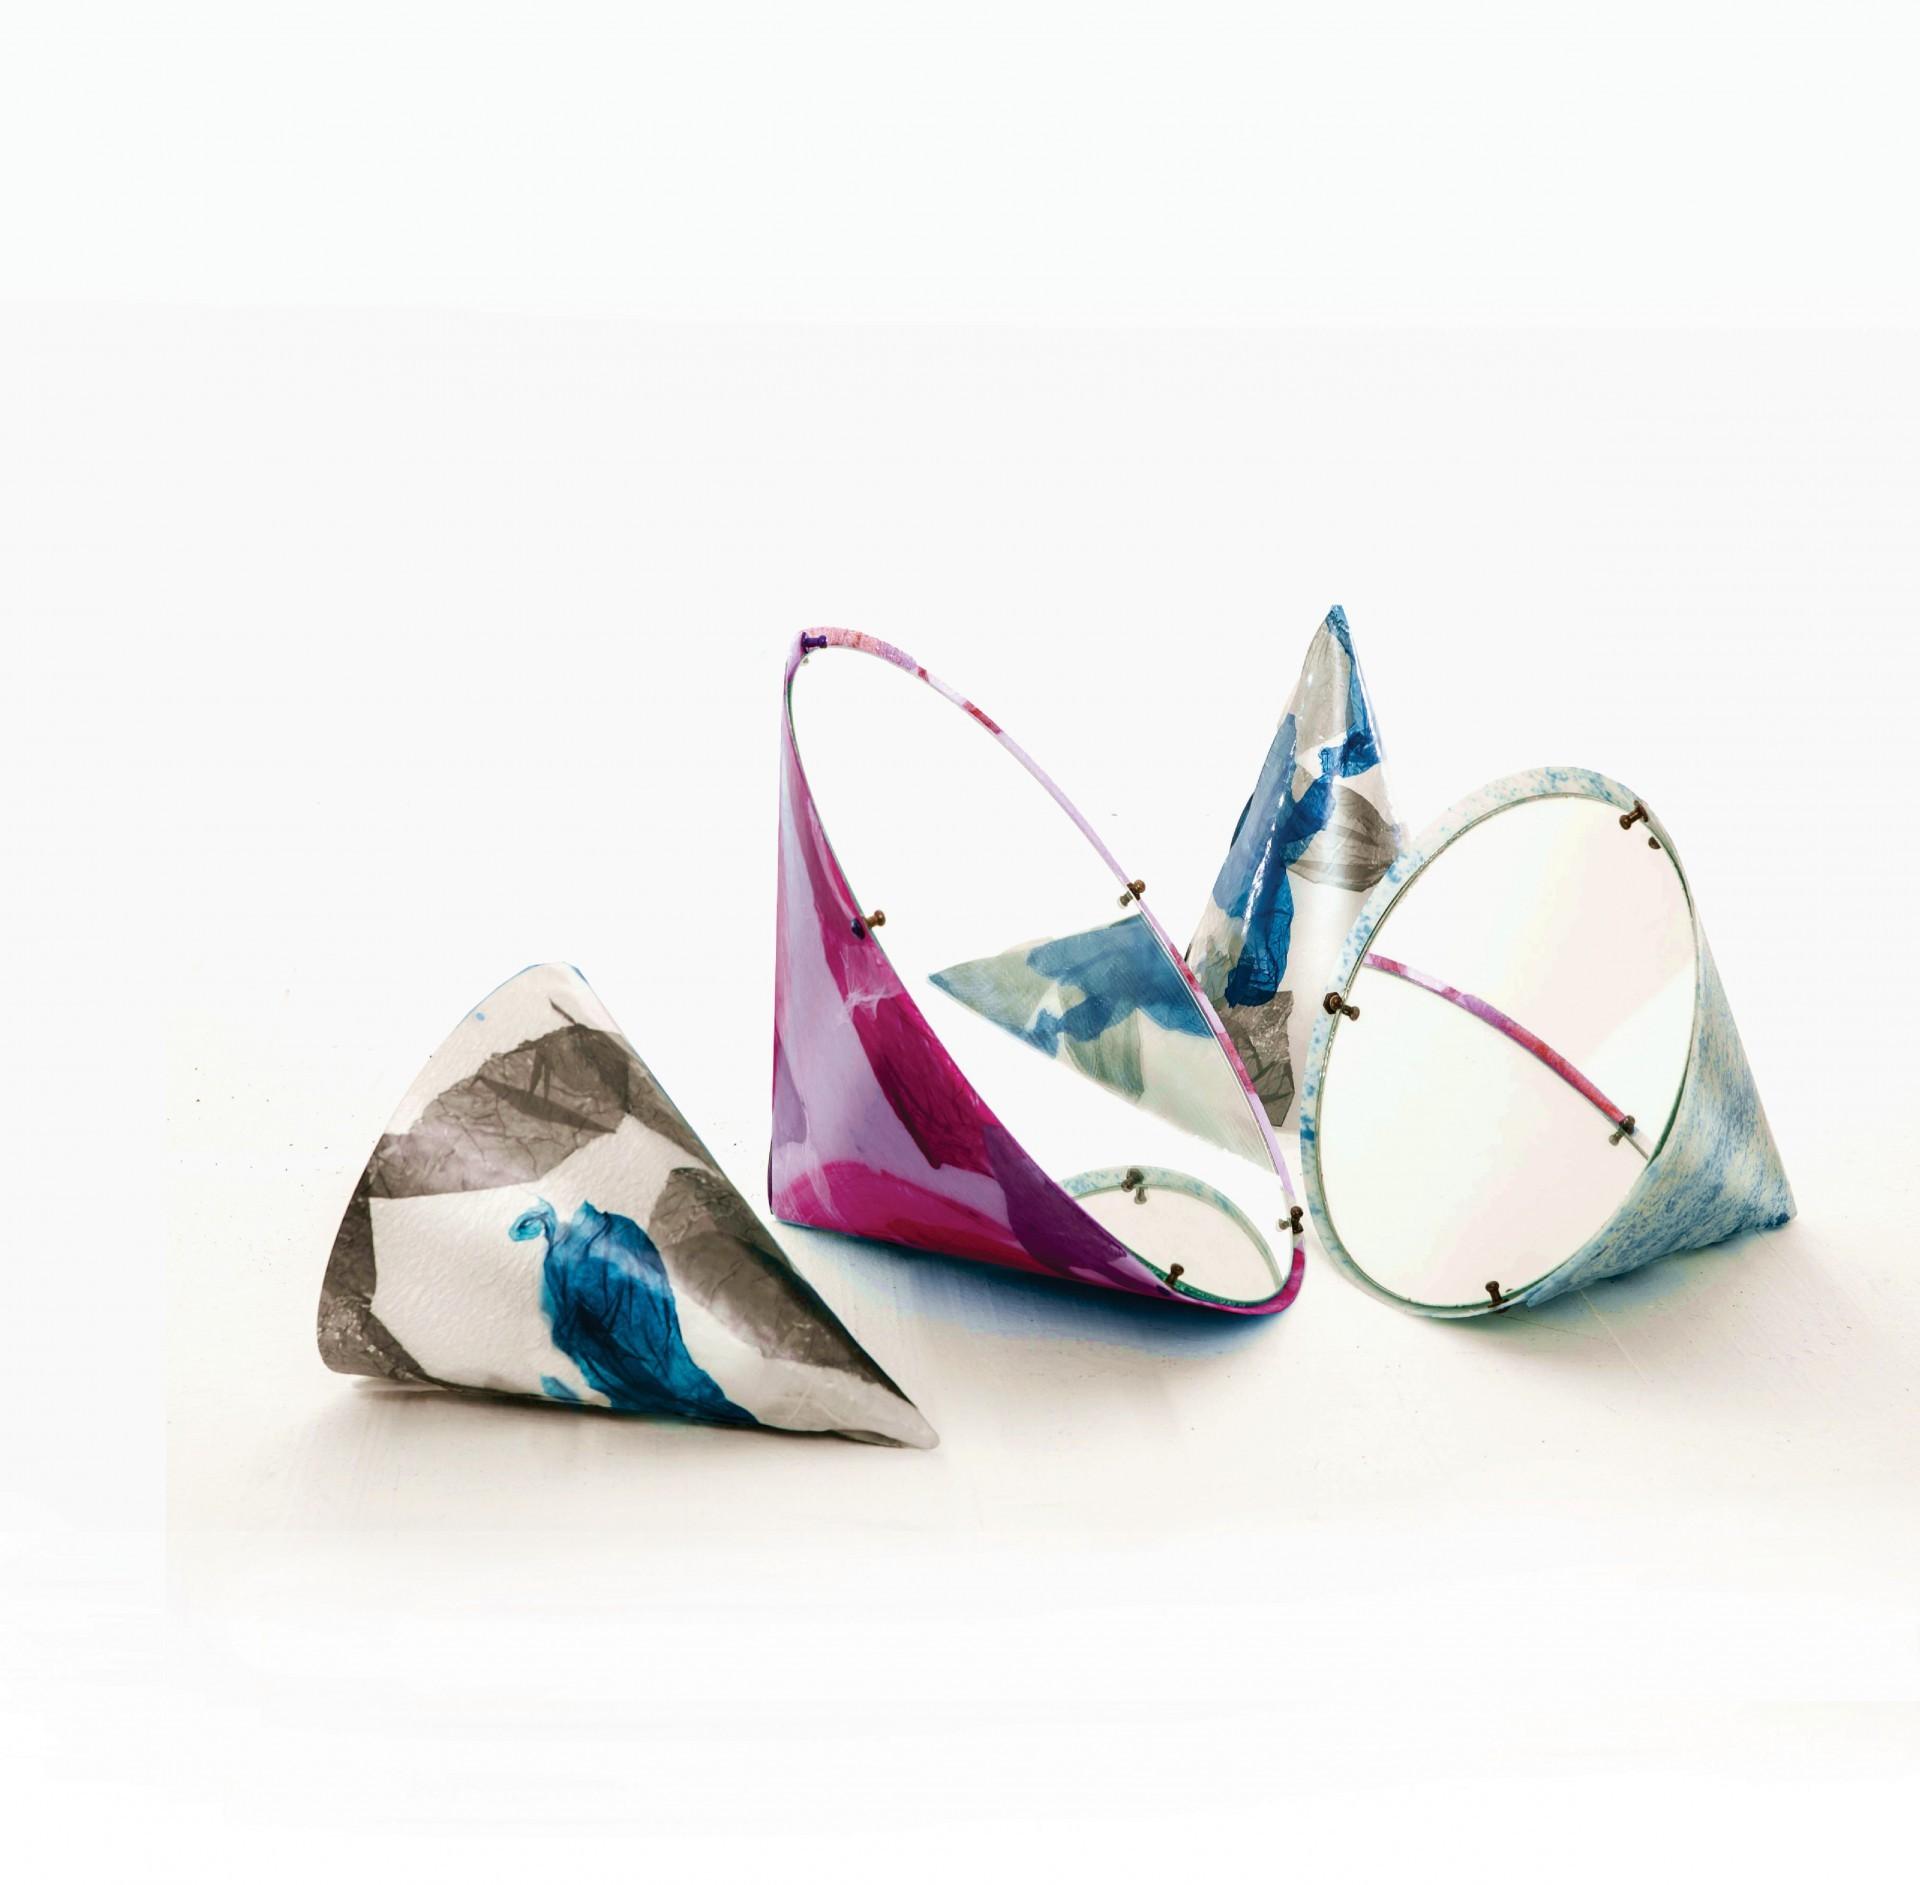 Espelhos Corrupio Chakra são produtos novos da LINHA CORRUPIO da parceria @ericogondim.design  /@ratoroi